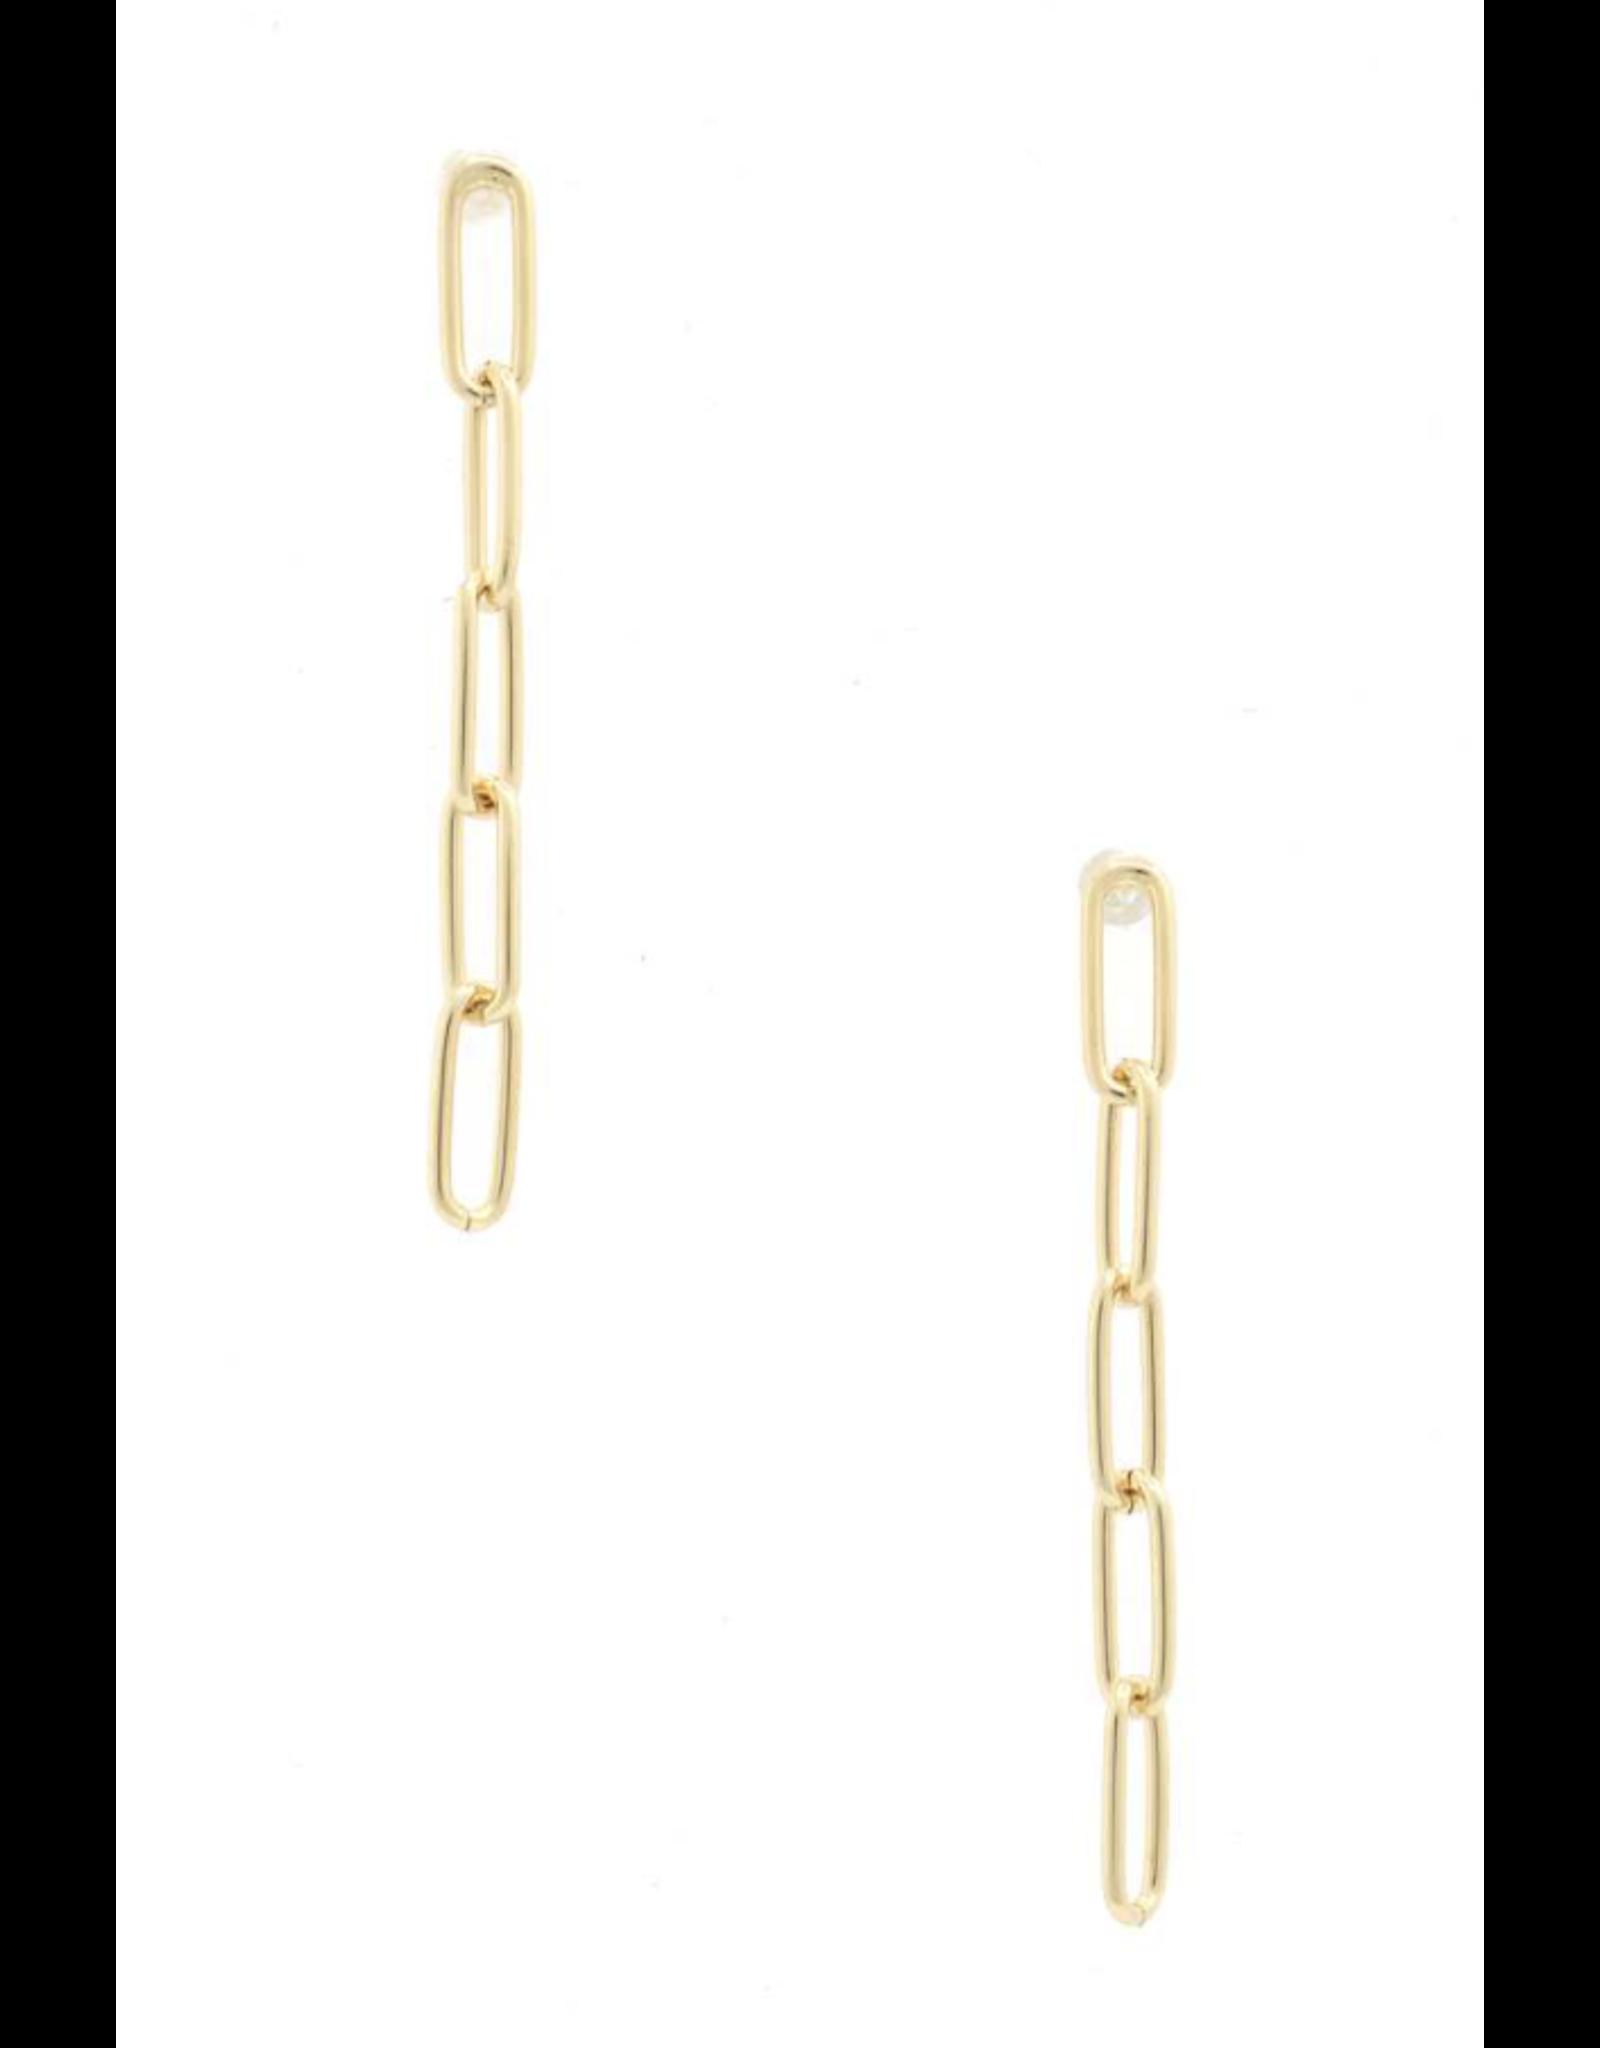 The Ritzy Gypsy JEN Mini Chain Link Earrings